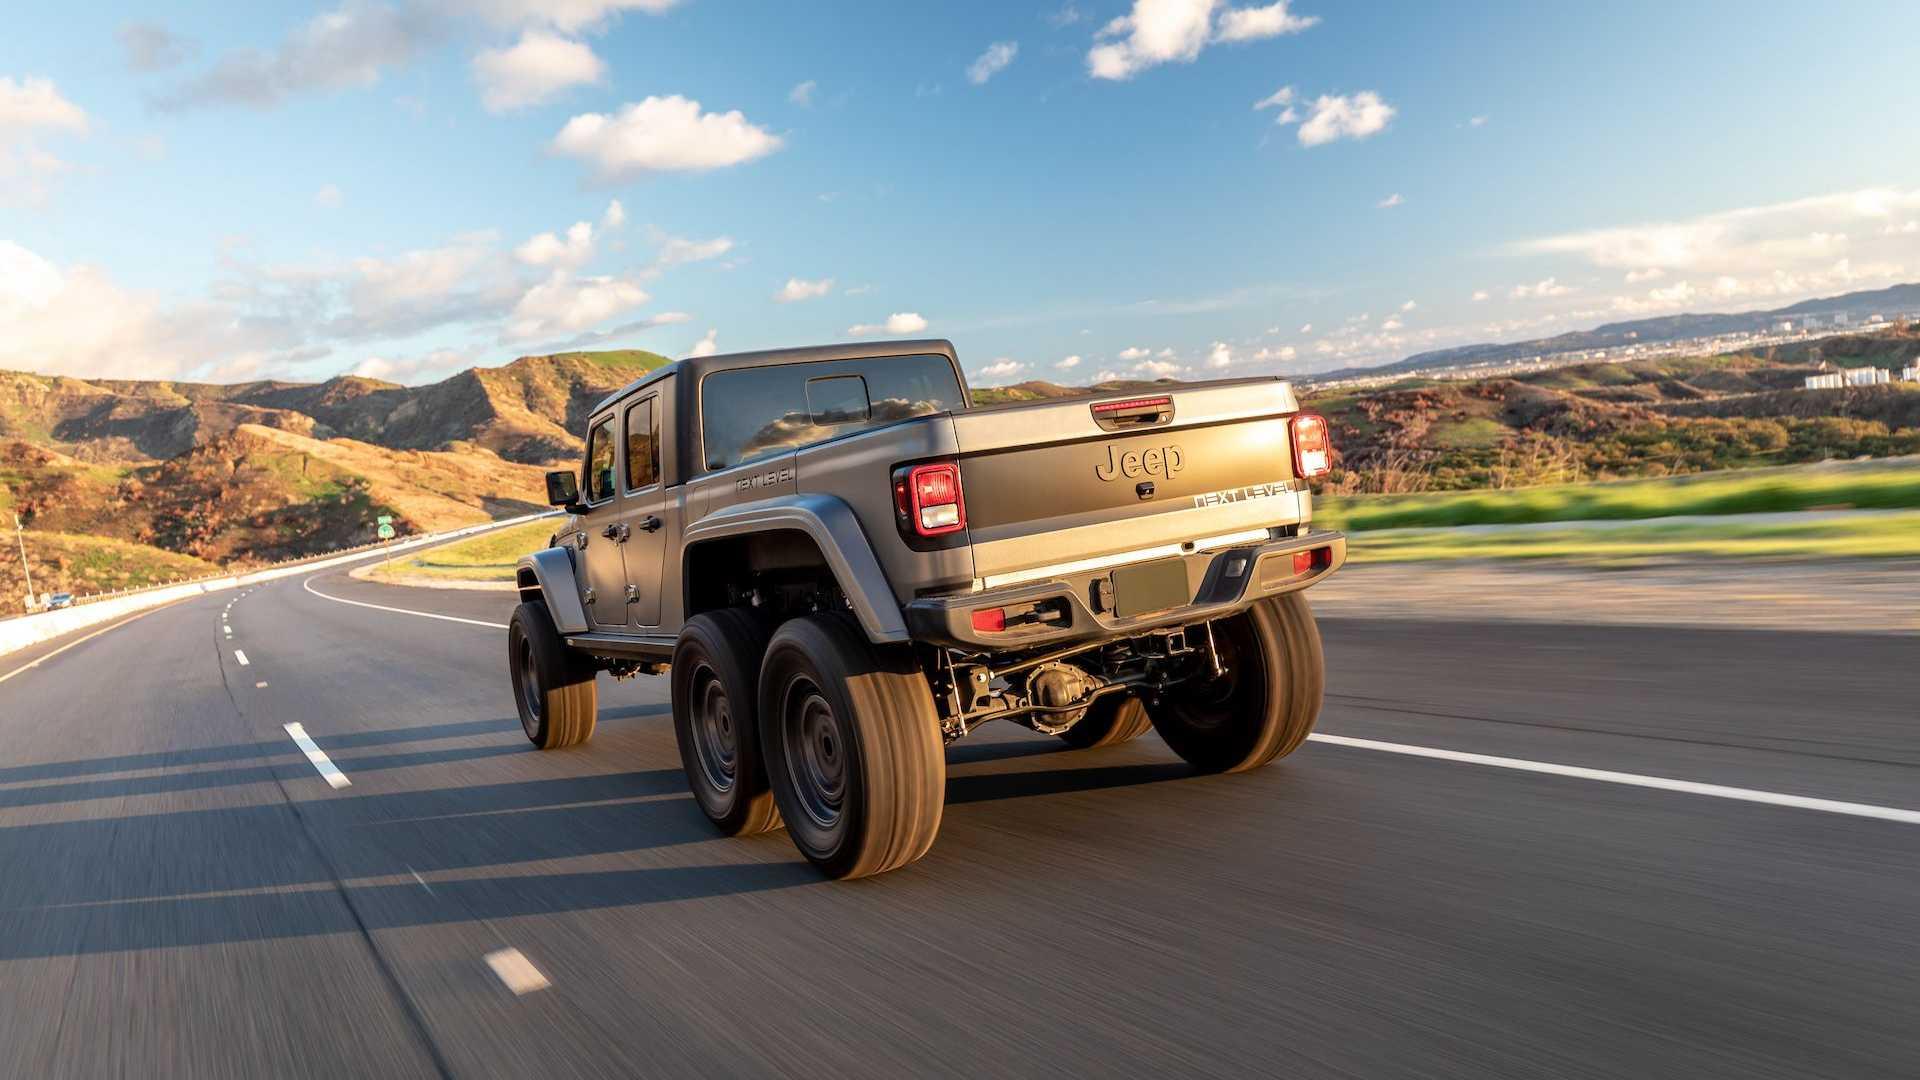 Jeep-Gladiator-6x6-by-Next-Level-10